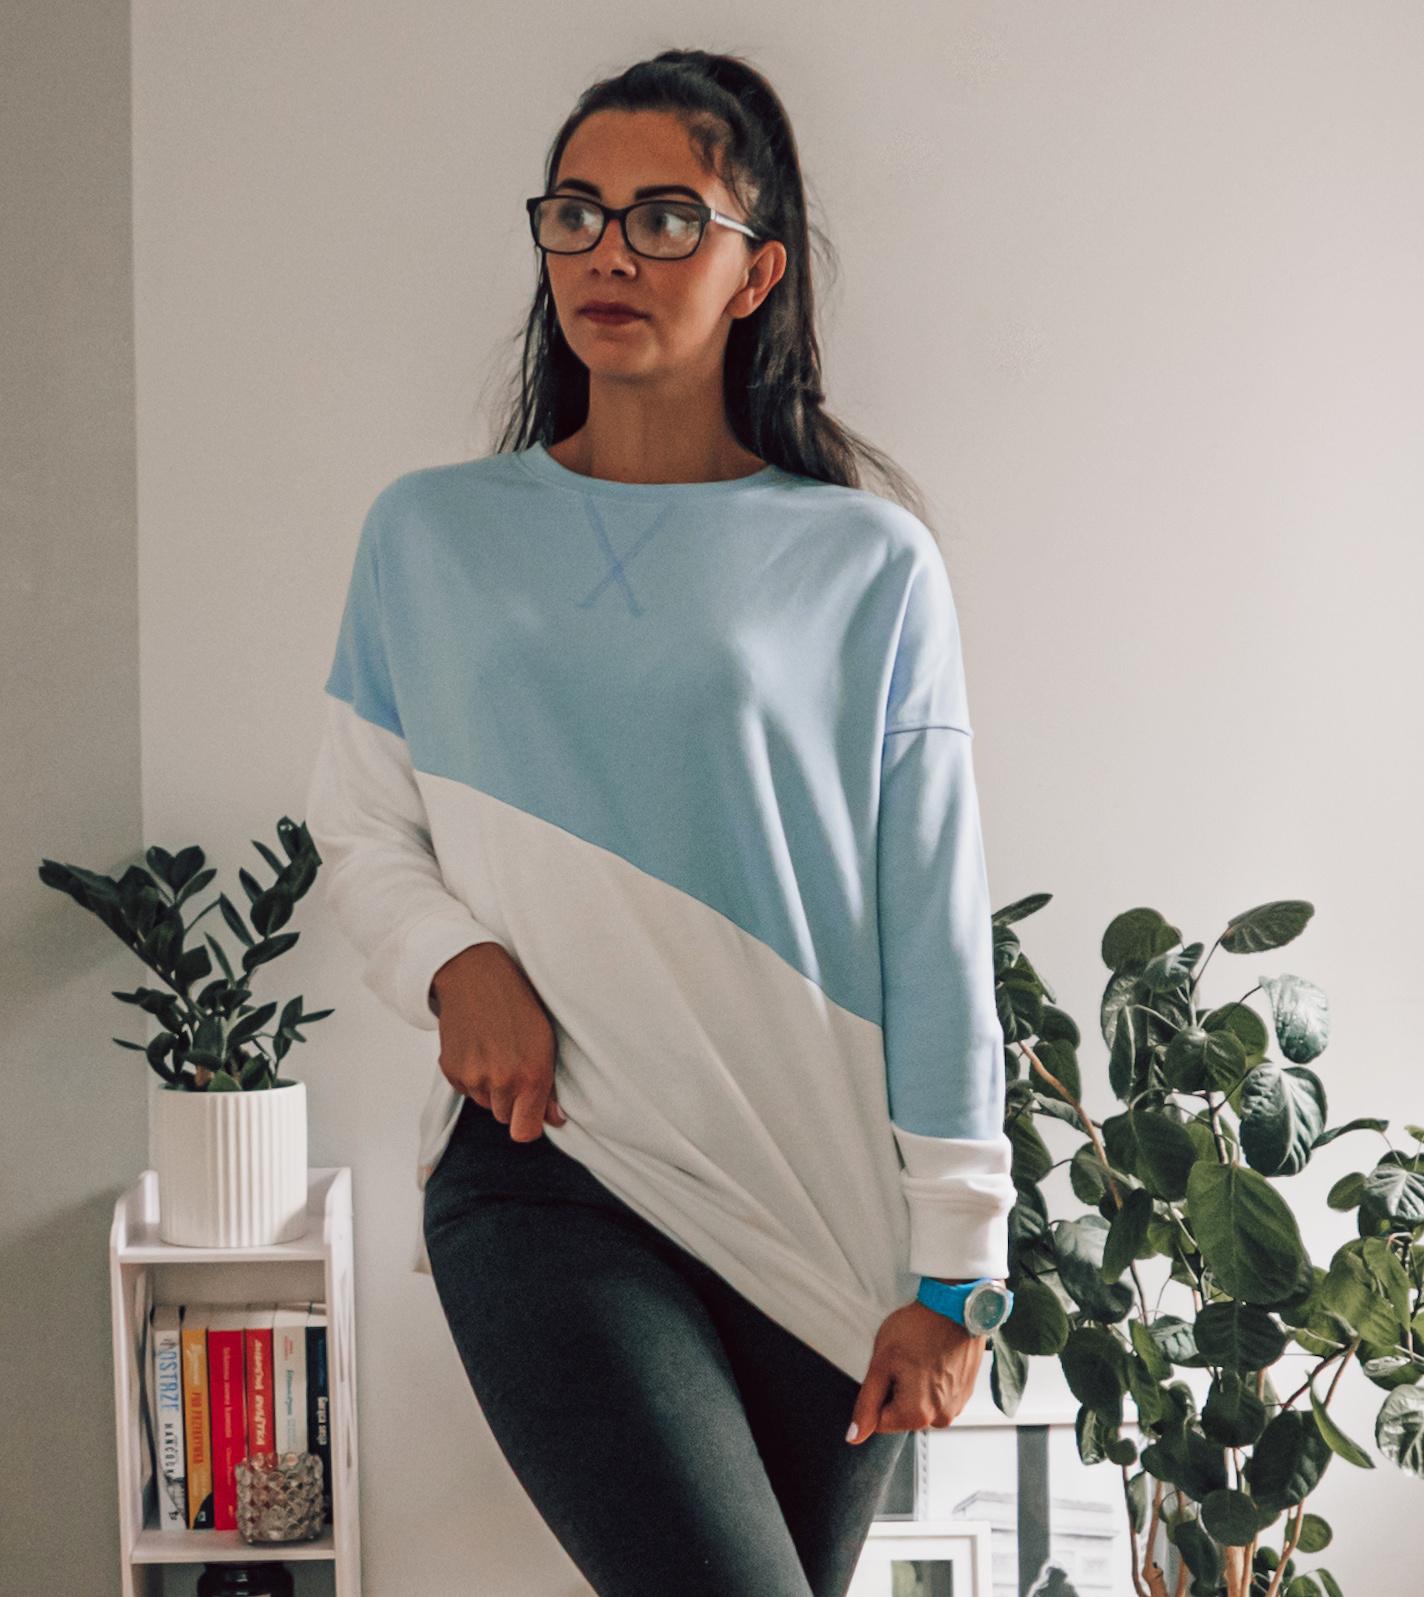 modne stylizacje jesień 2021